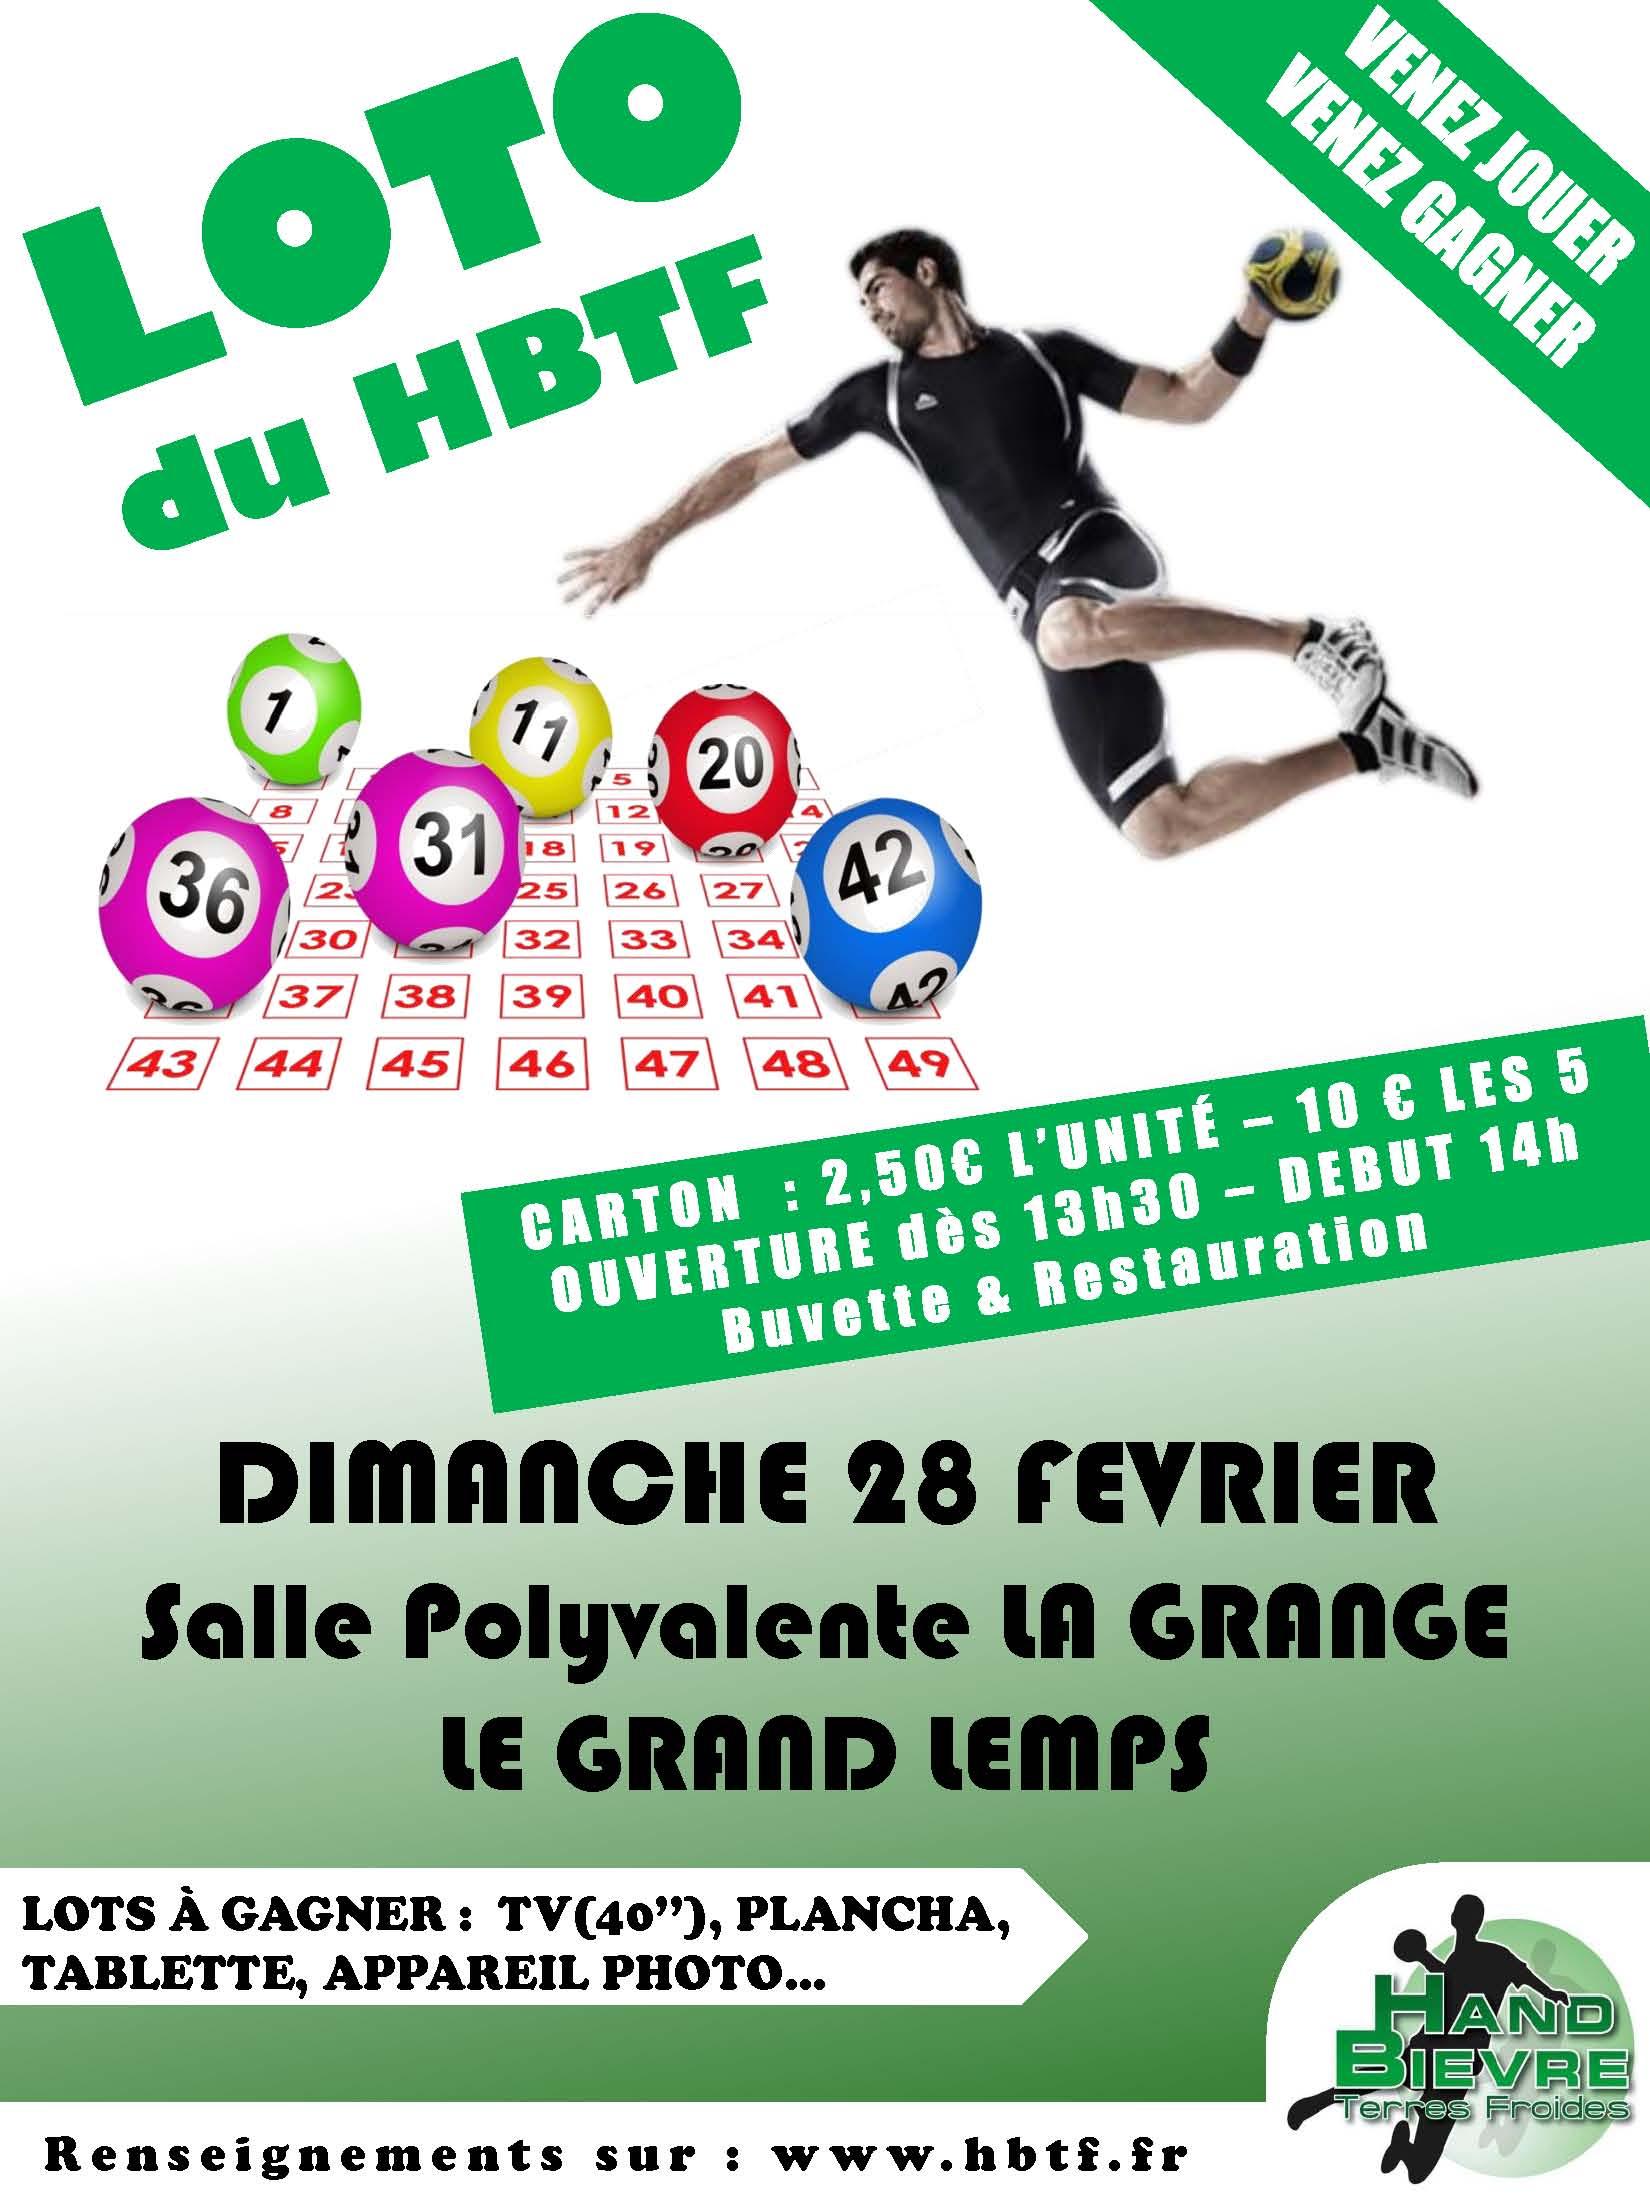 Le Loto du HBTF : venez nombreux jouer...et gagner ! - Hand Bievre Terres Froides - Club de Handball en Isère